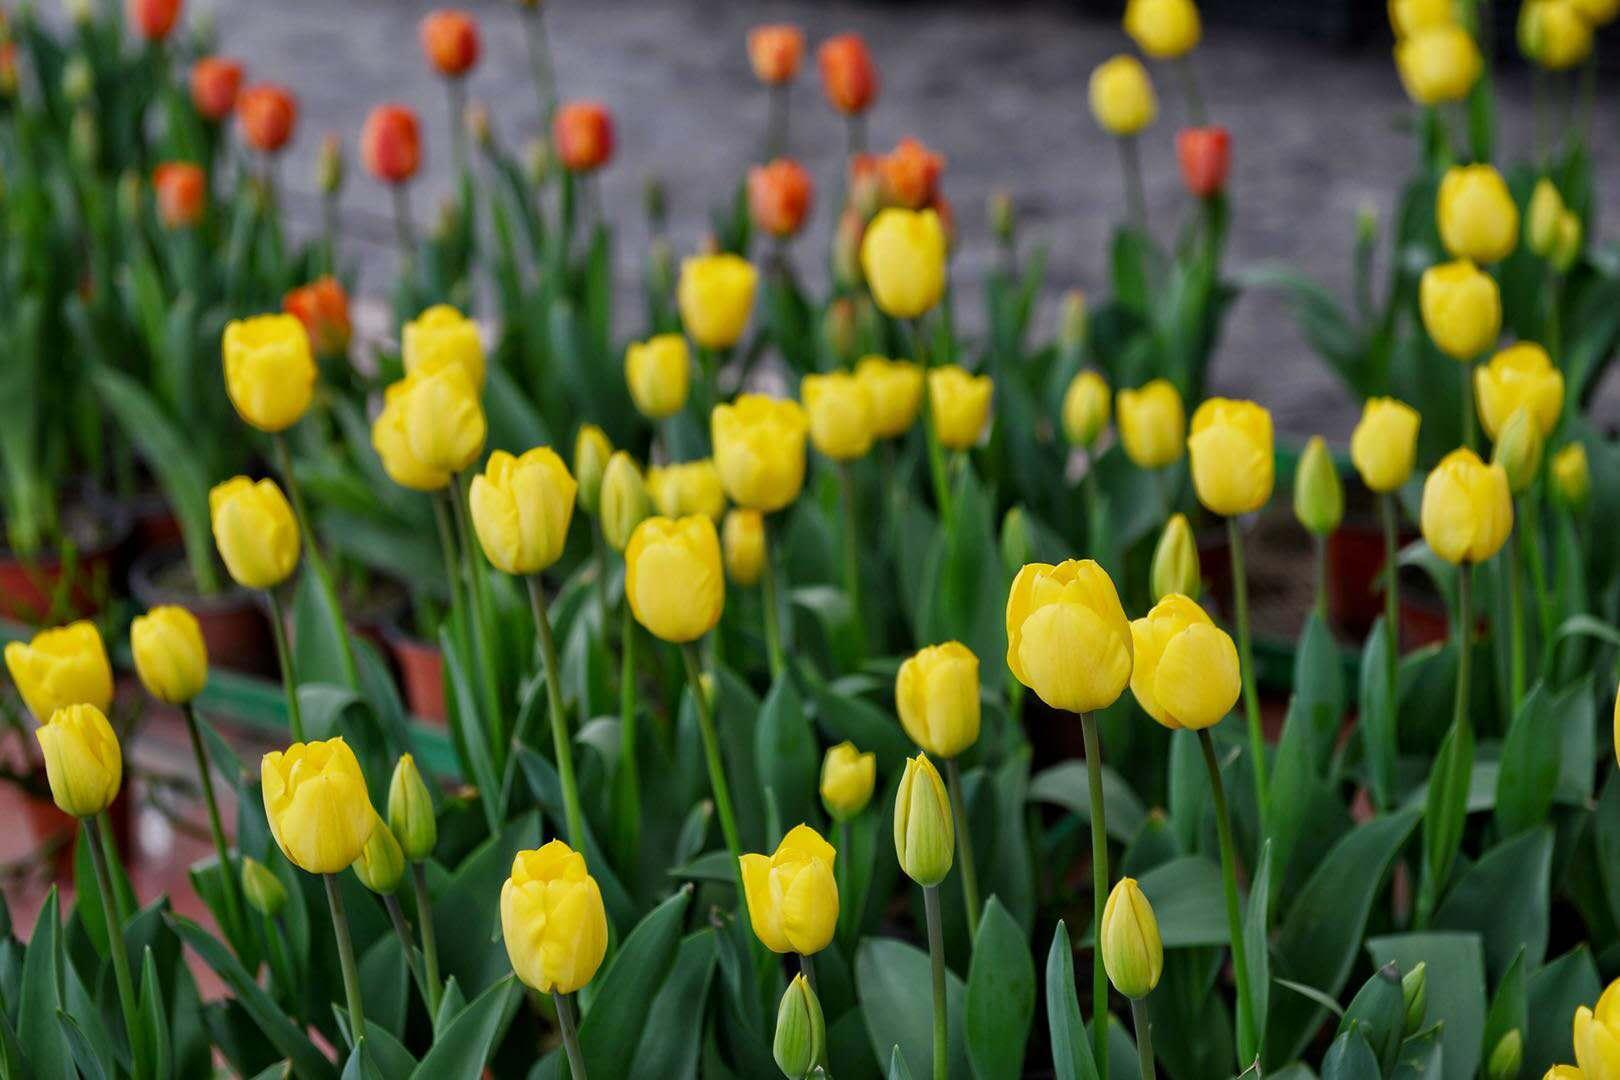 沙坪坝凤凰花海郁金香开了  本周末去植树赏花吧